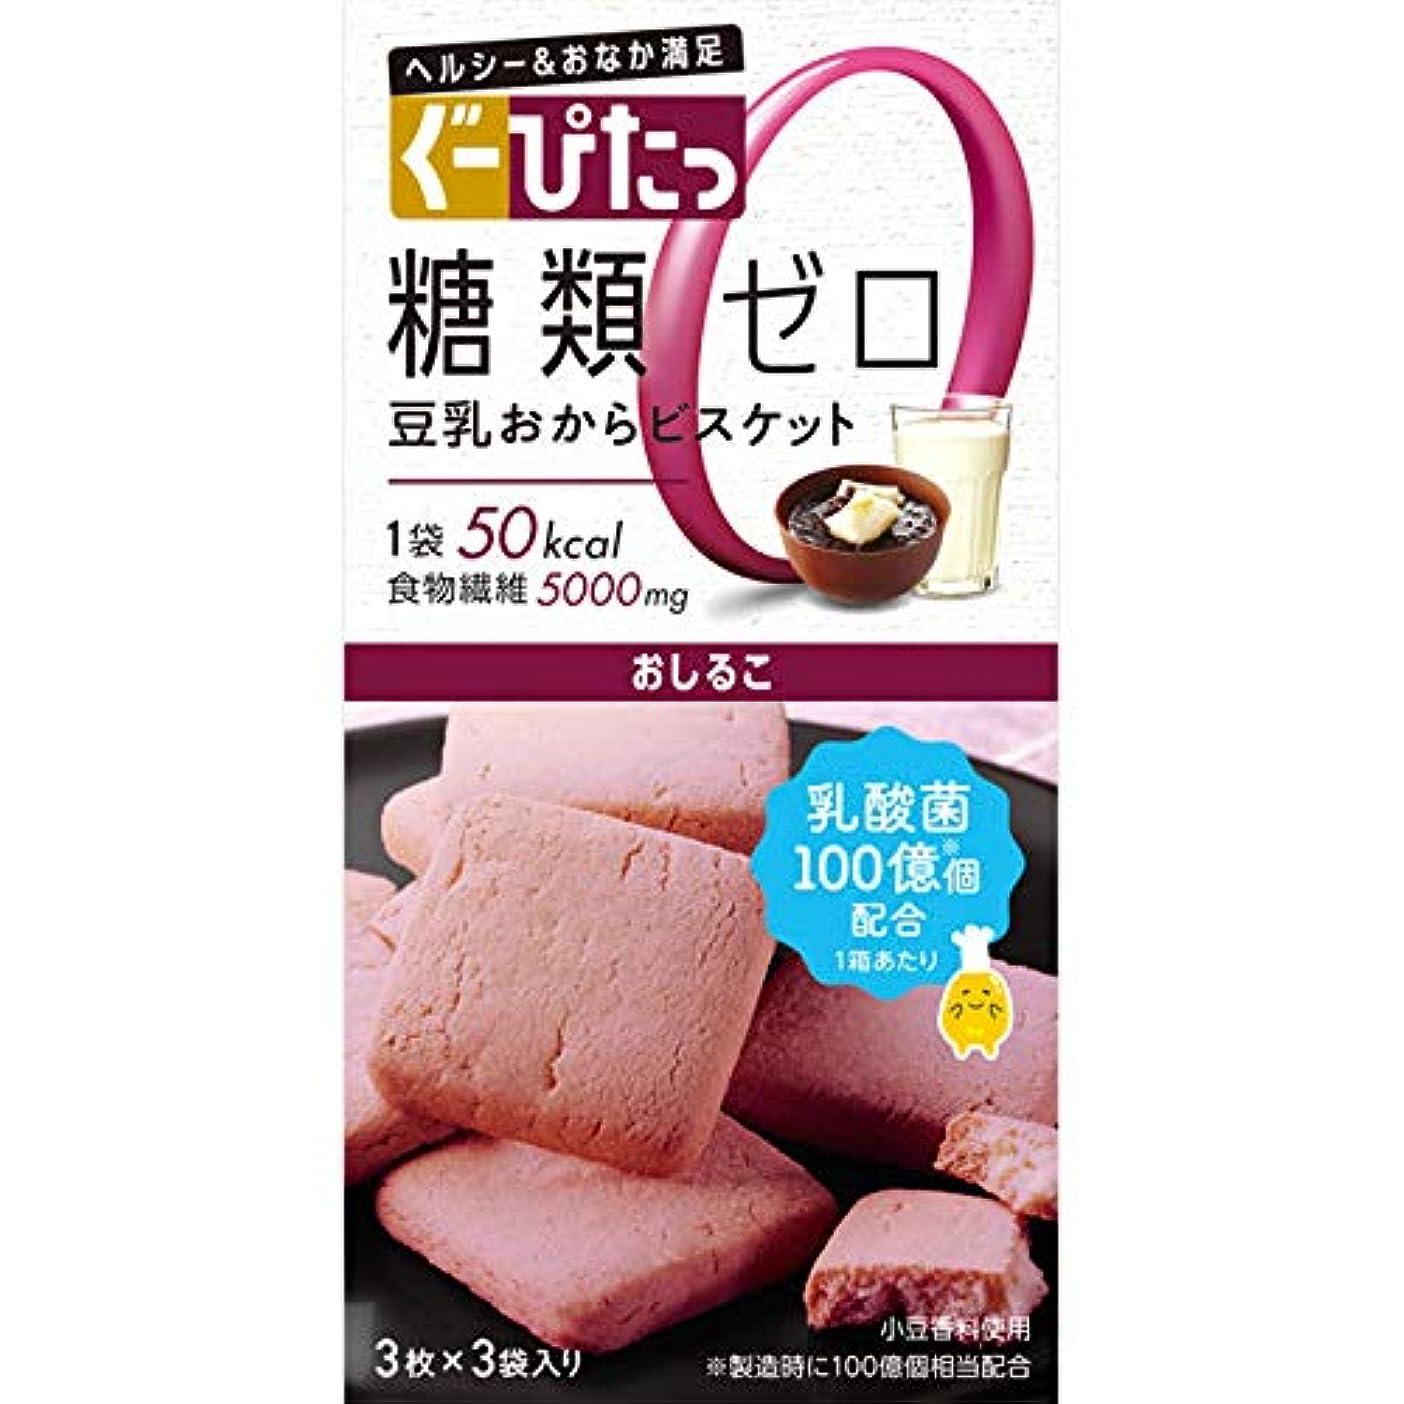 発音するパーチナシティカタログナリスアップ ぐーぴたっ 豆乳おからビスケット おしるこ (3枚×3袋) ダイエット食品